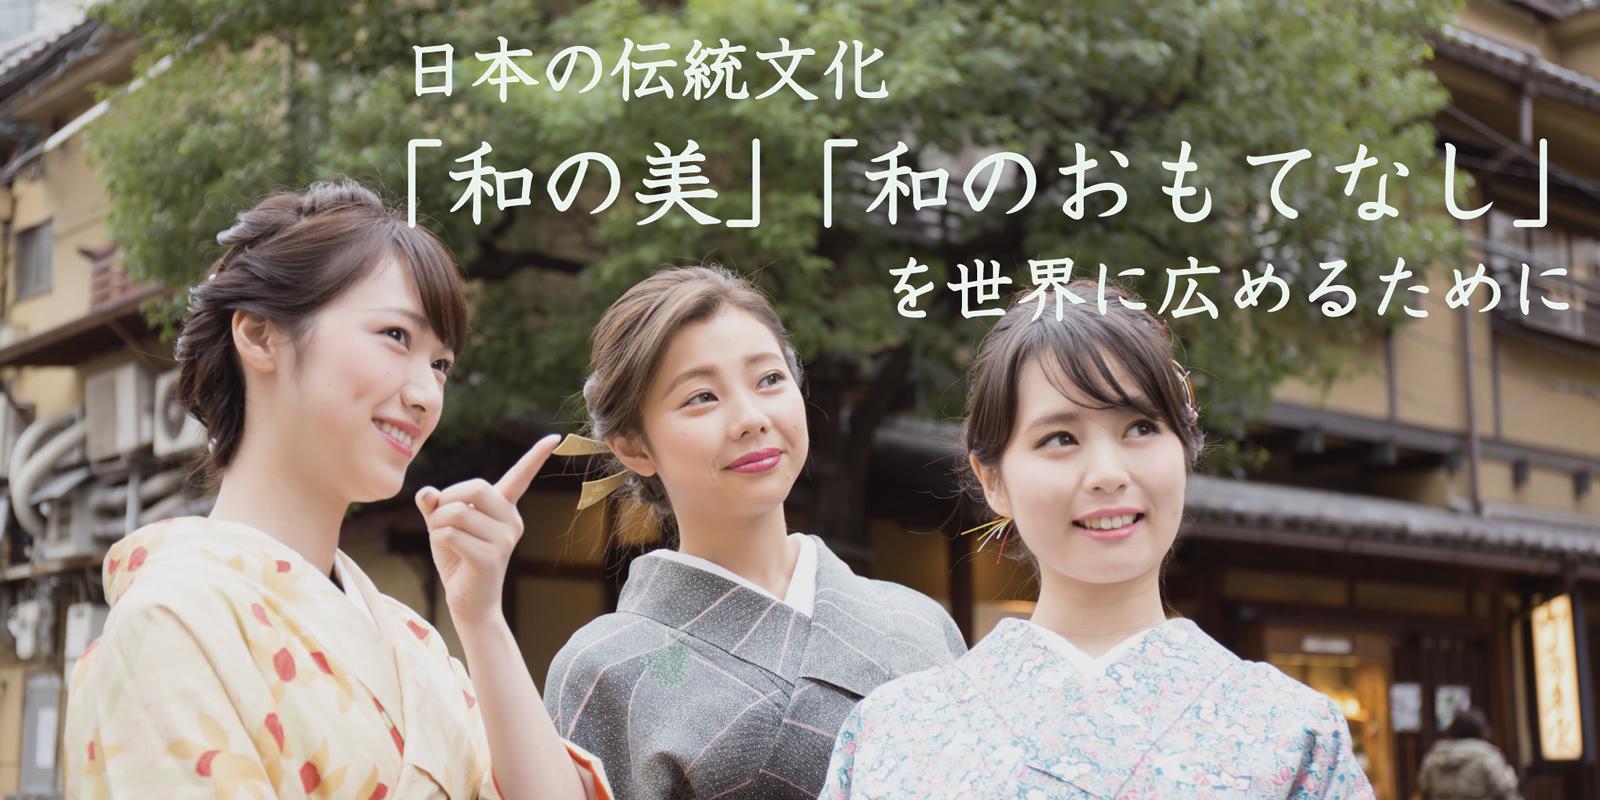 日本の伝統文化「和の美」「和のおもてなし」を世界に広めるために